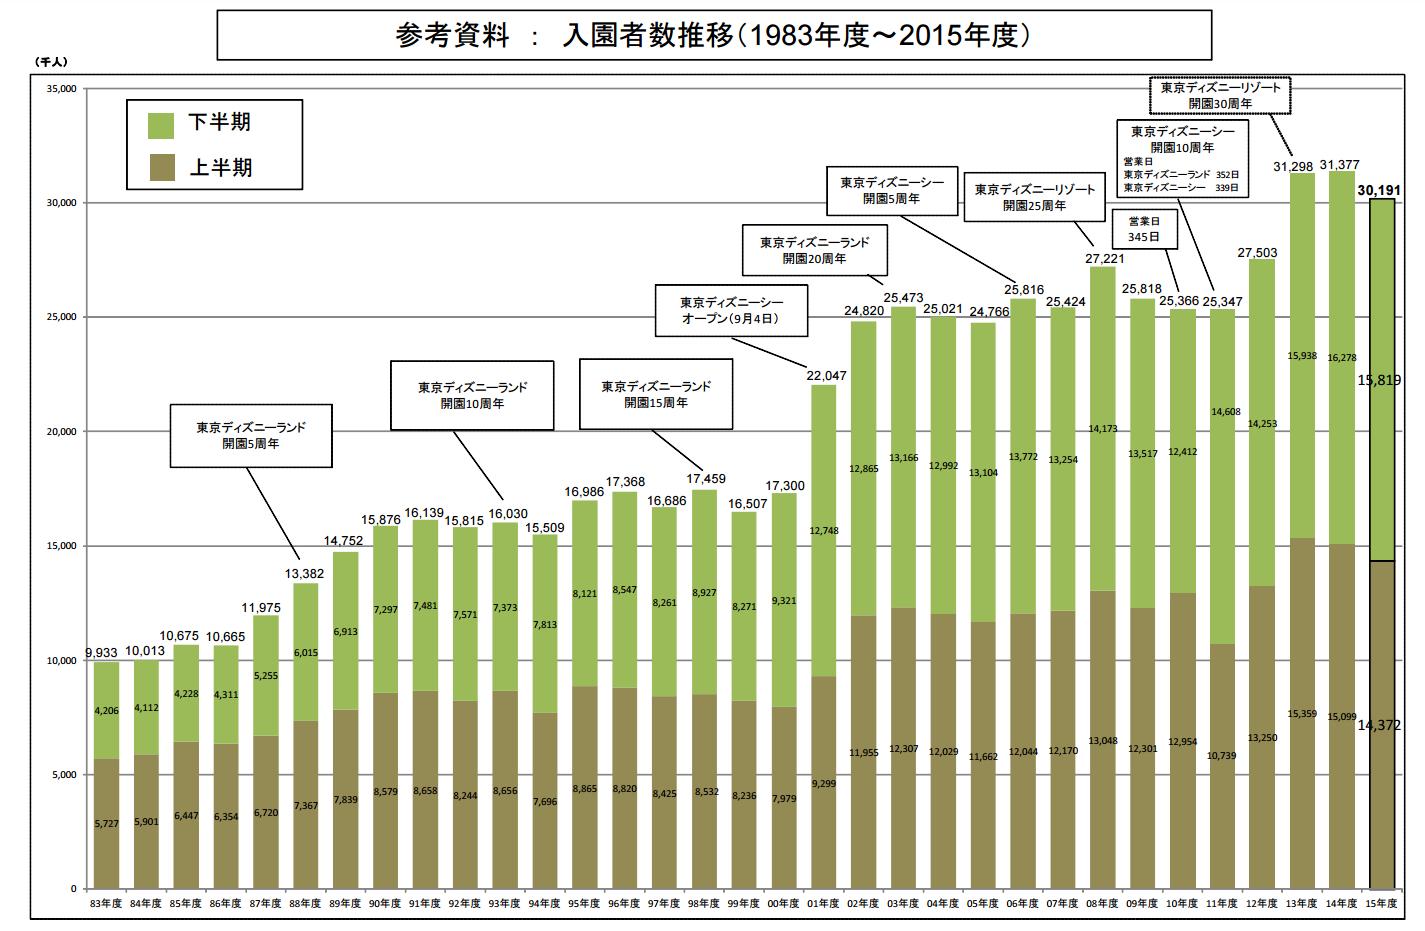 入園者数推移(1983年度~2015年度) リリース「東京ディズニーランド®・東京ディズニーシー®2015 年度入園者数データ(速報)」より引用